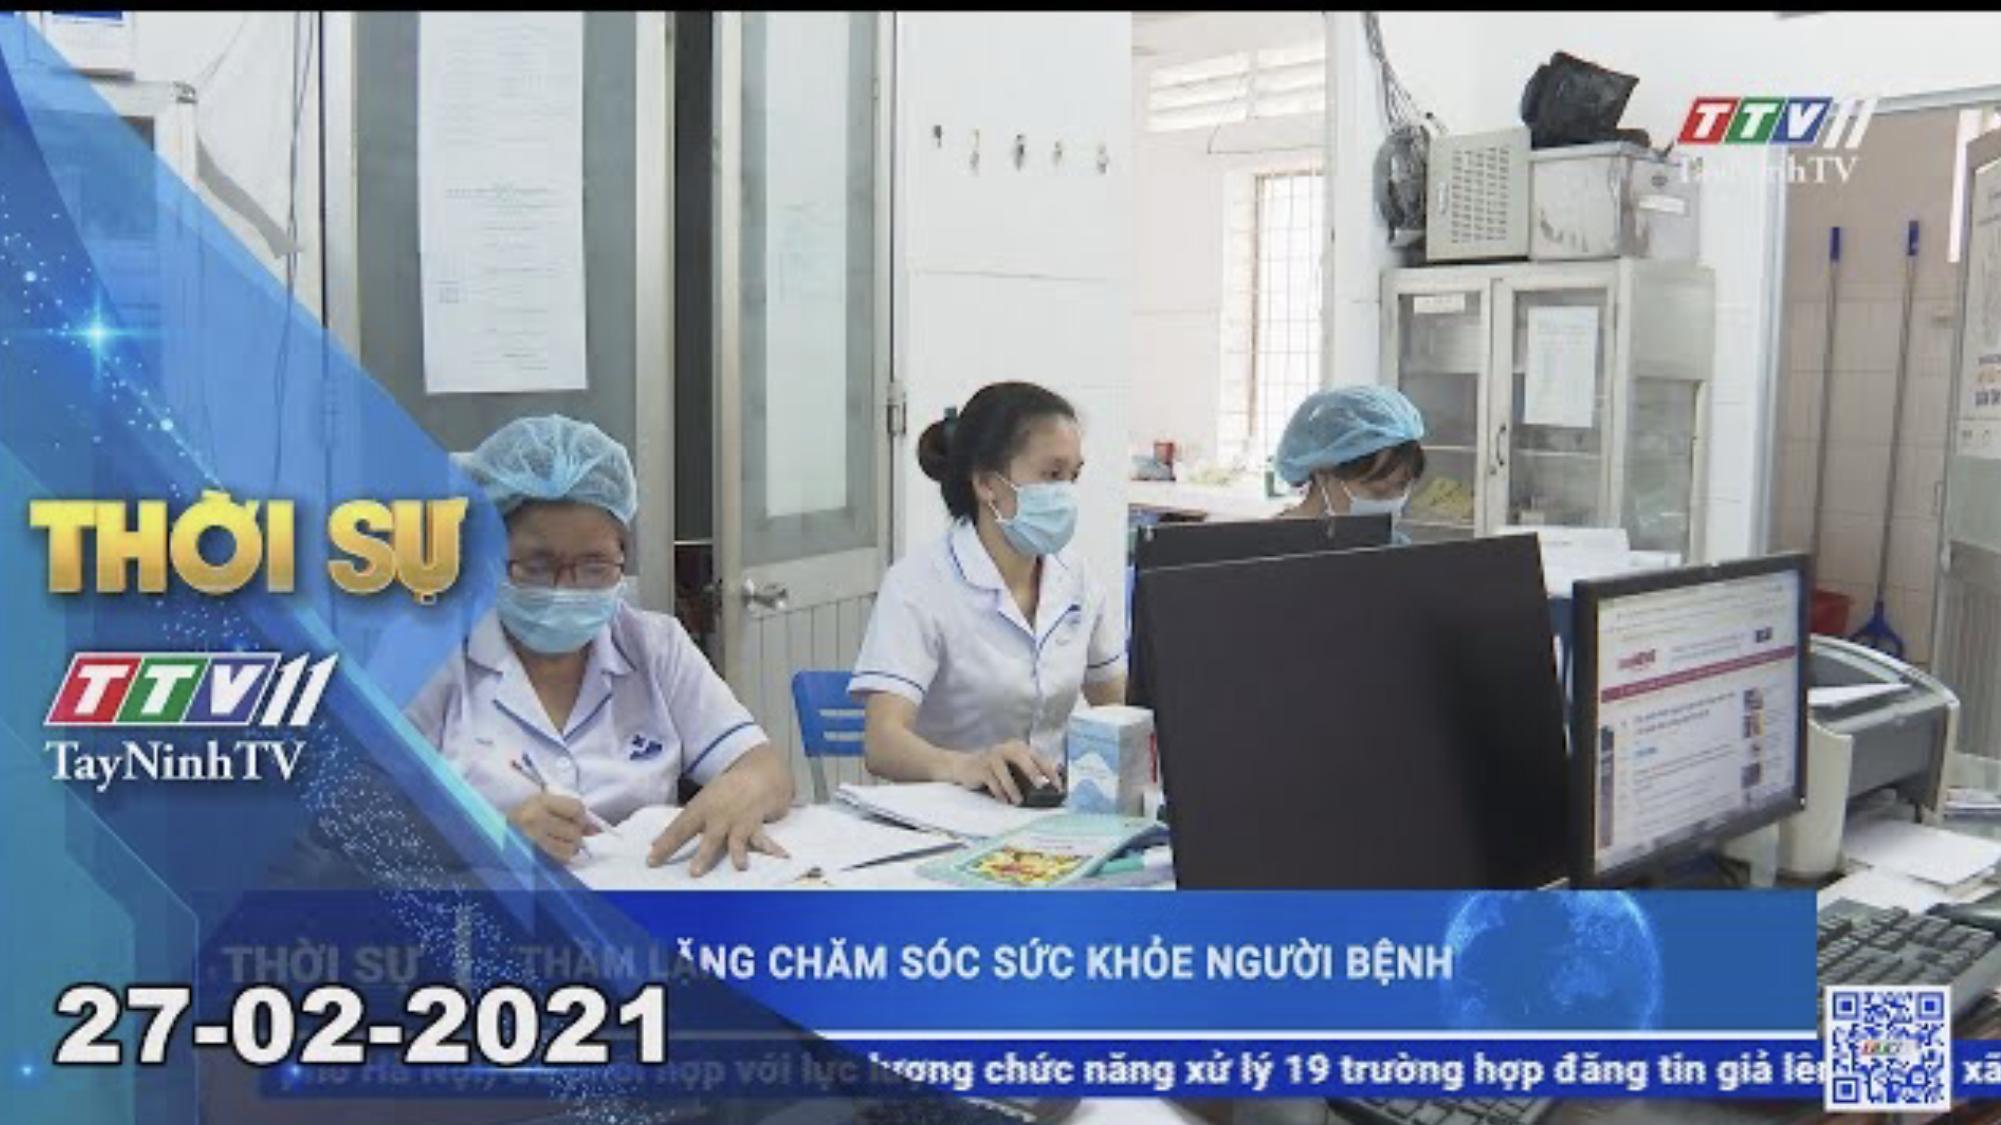 Thời sự Tây Ninh 27-02-2021 | Tin tức hôm nay | TayNinhTV